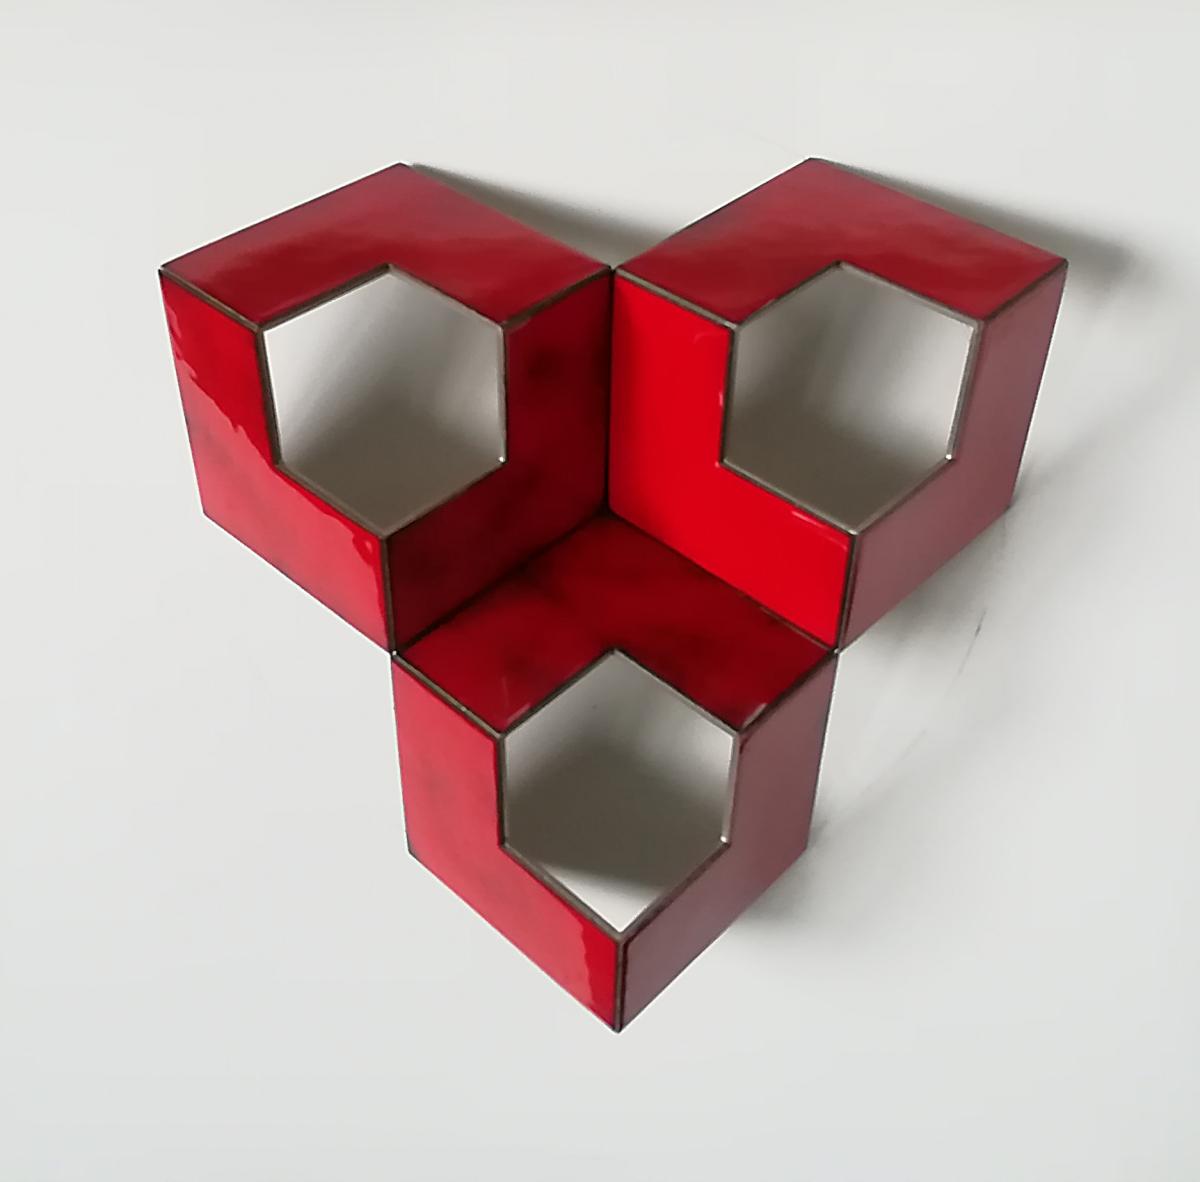 Henk Rusman, Structuur in rood III, R.v.s. / koper / emailleer 30x30x9 cm